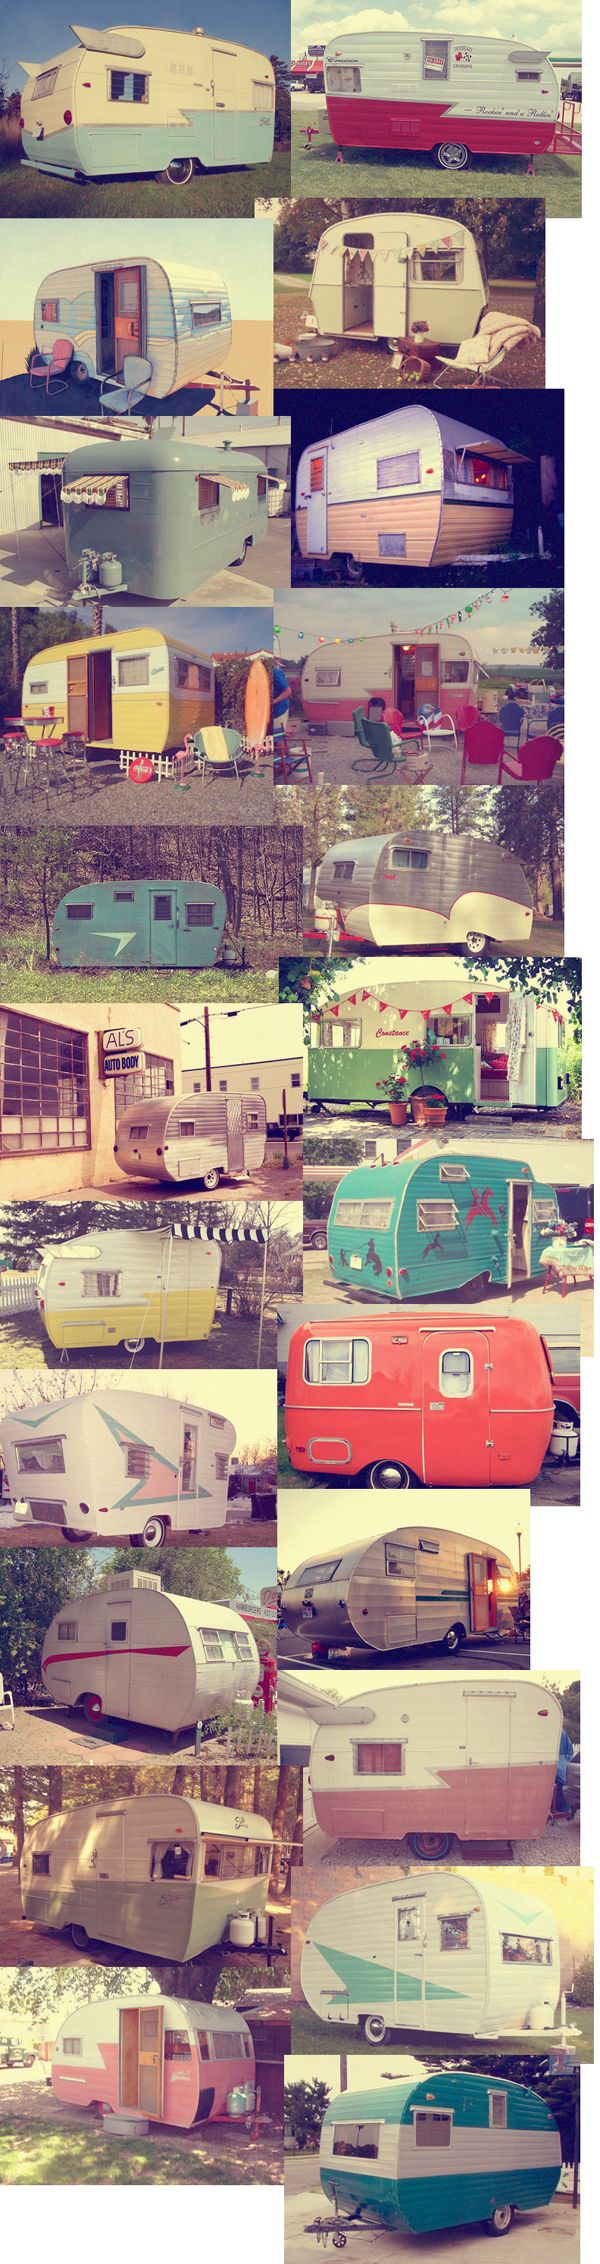 Şirin Renkli Karavanlar